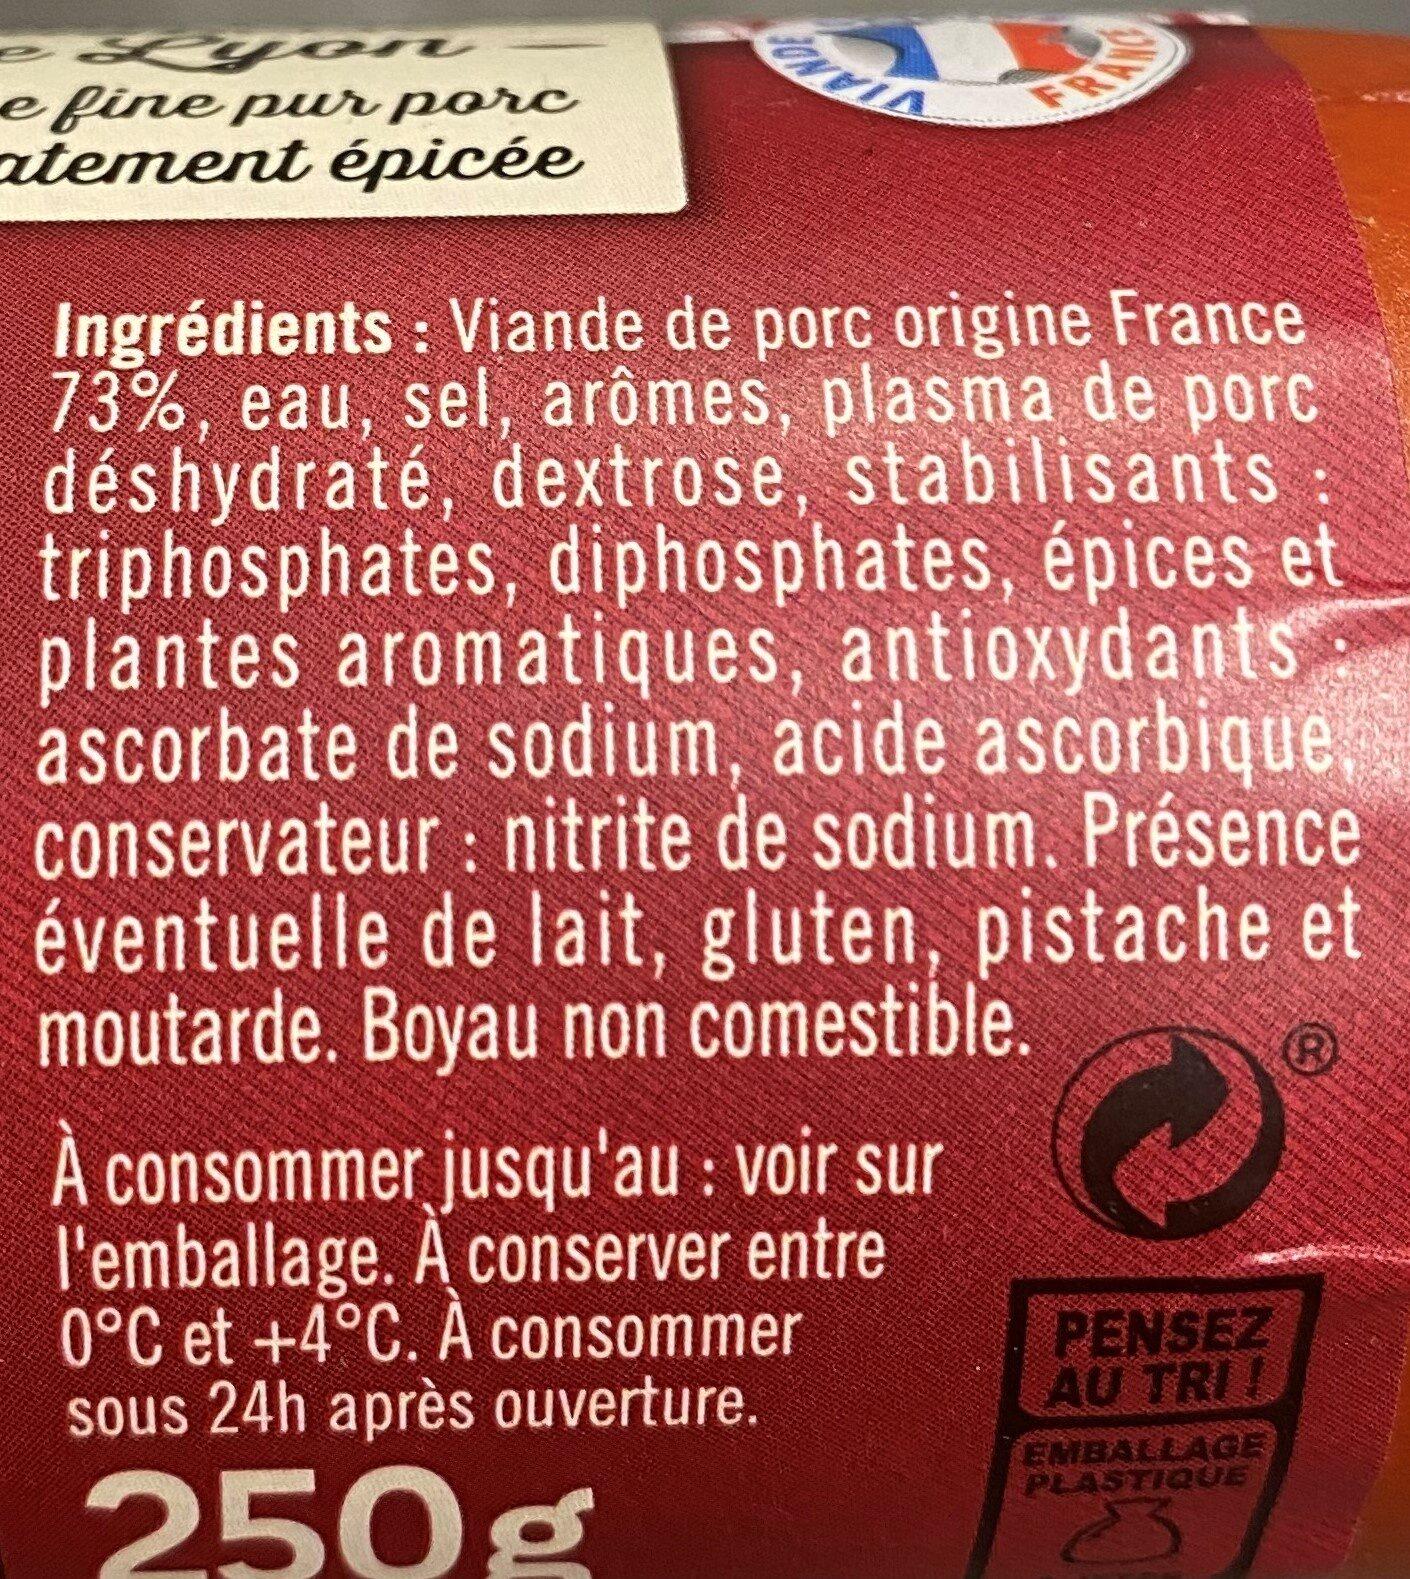 Schmidt saucisse de lyon piecette - Ingrédients - fr